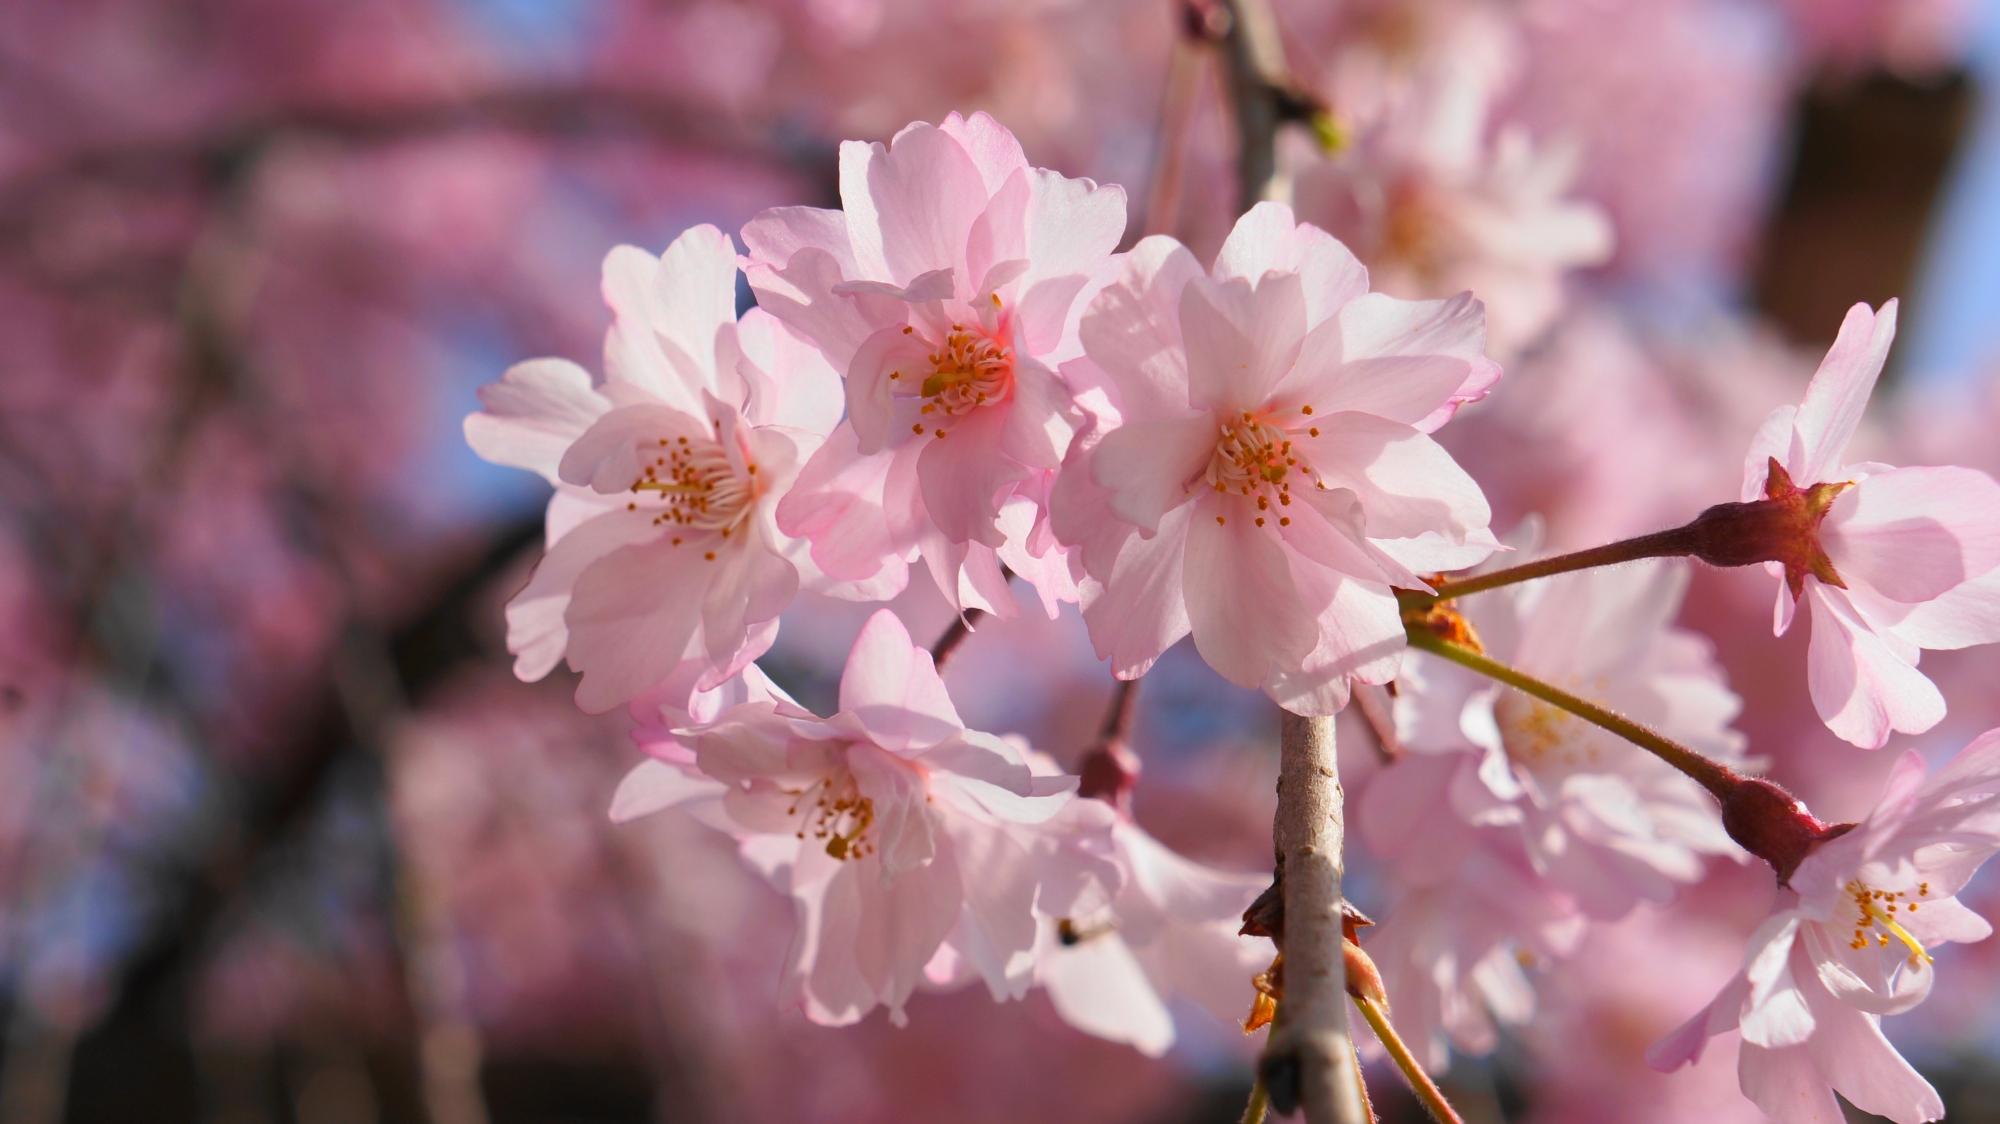 繊細で可愛い一つ一つの花